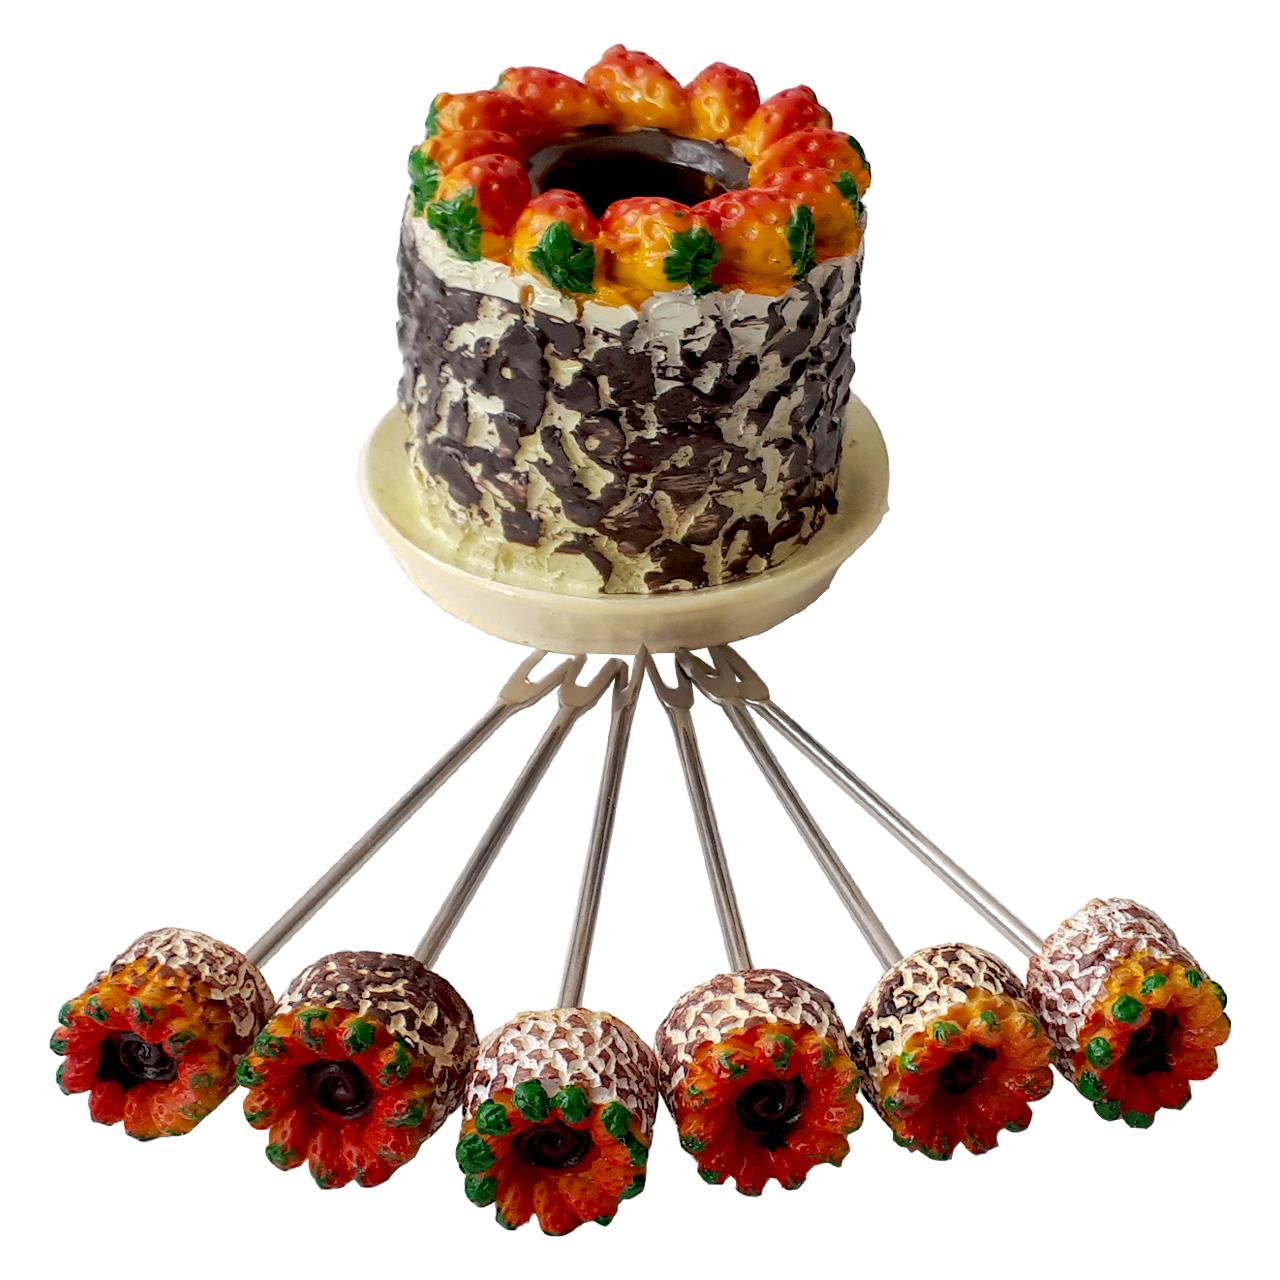 عکس زیتون خوری طرح کیک توت فرنگی مجموعه 7 عددی